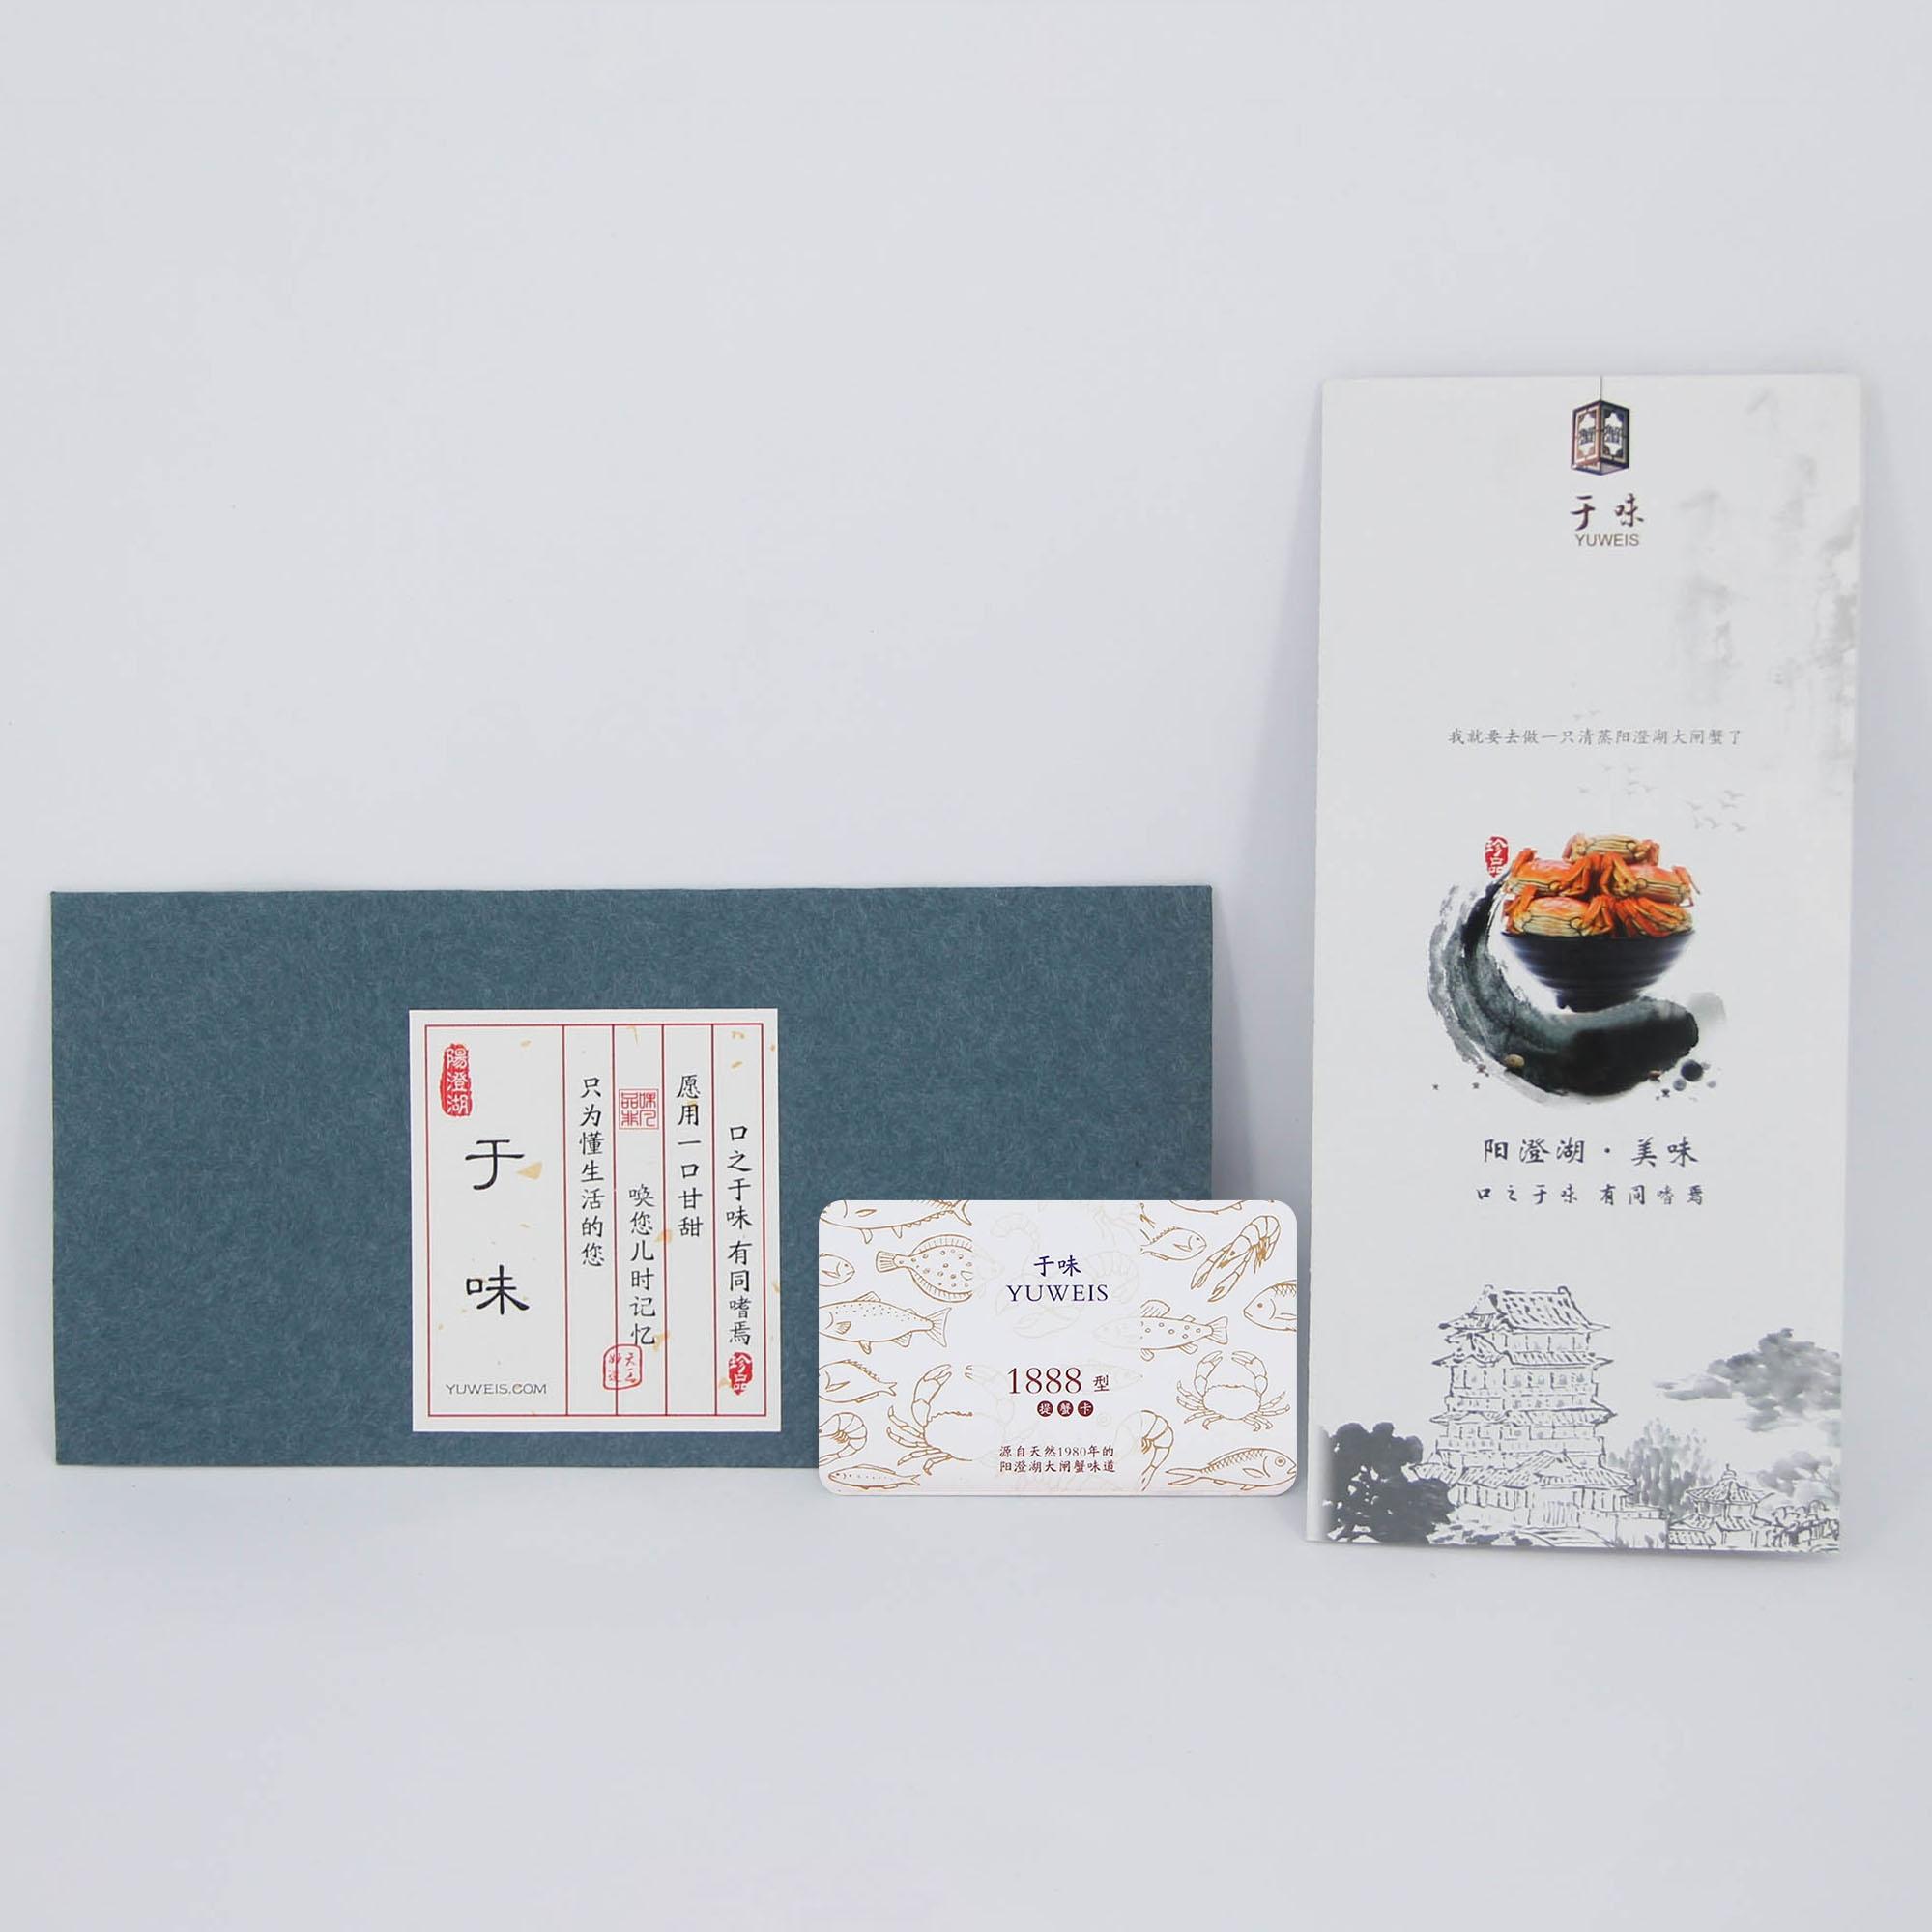 阳澄湖大闸蟹1888型(4.5-4.9公*4只,3.3-3.4母*4只)提货卡 精品系列豪华礼盒装